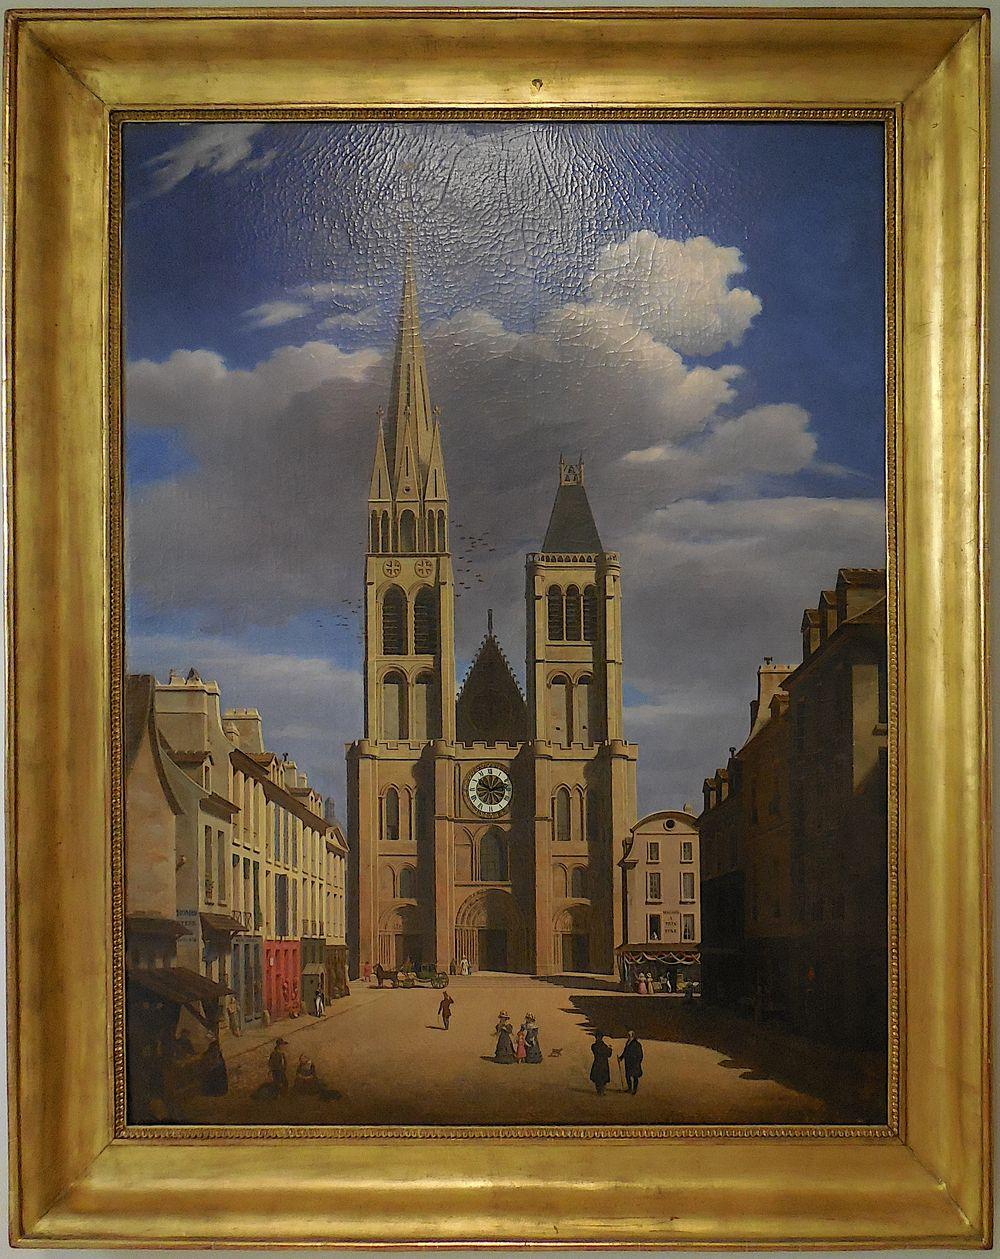 E-J Bouhot (entourage?), La basilique de Saint-Denis vers 1817